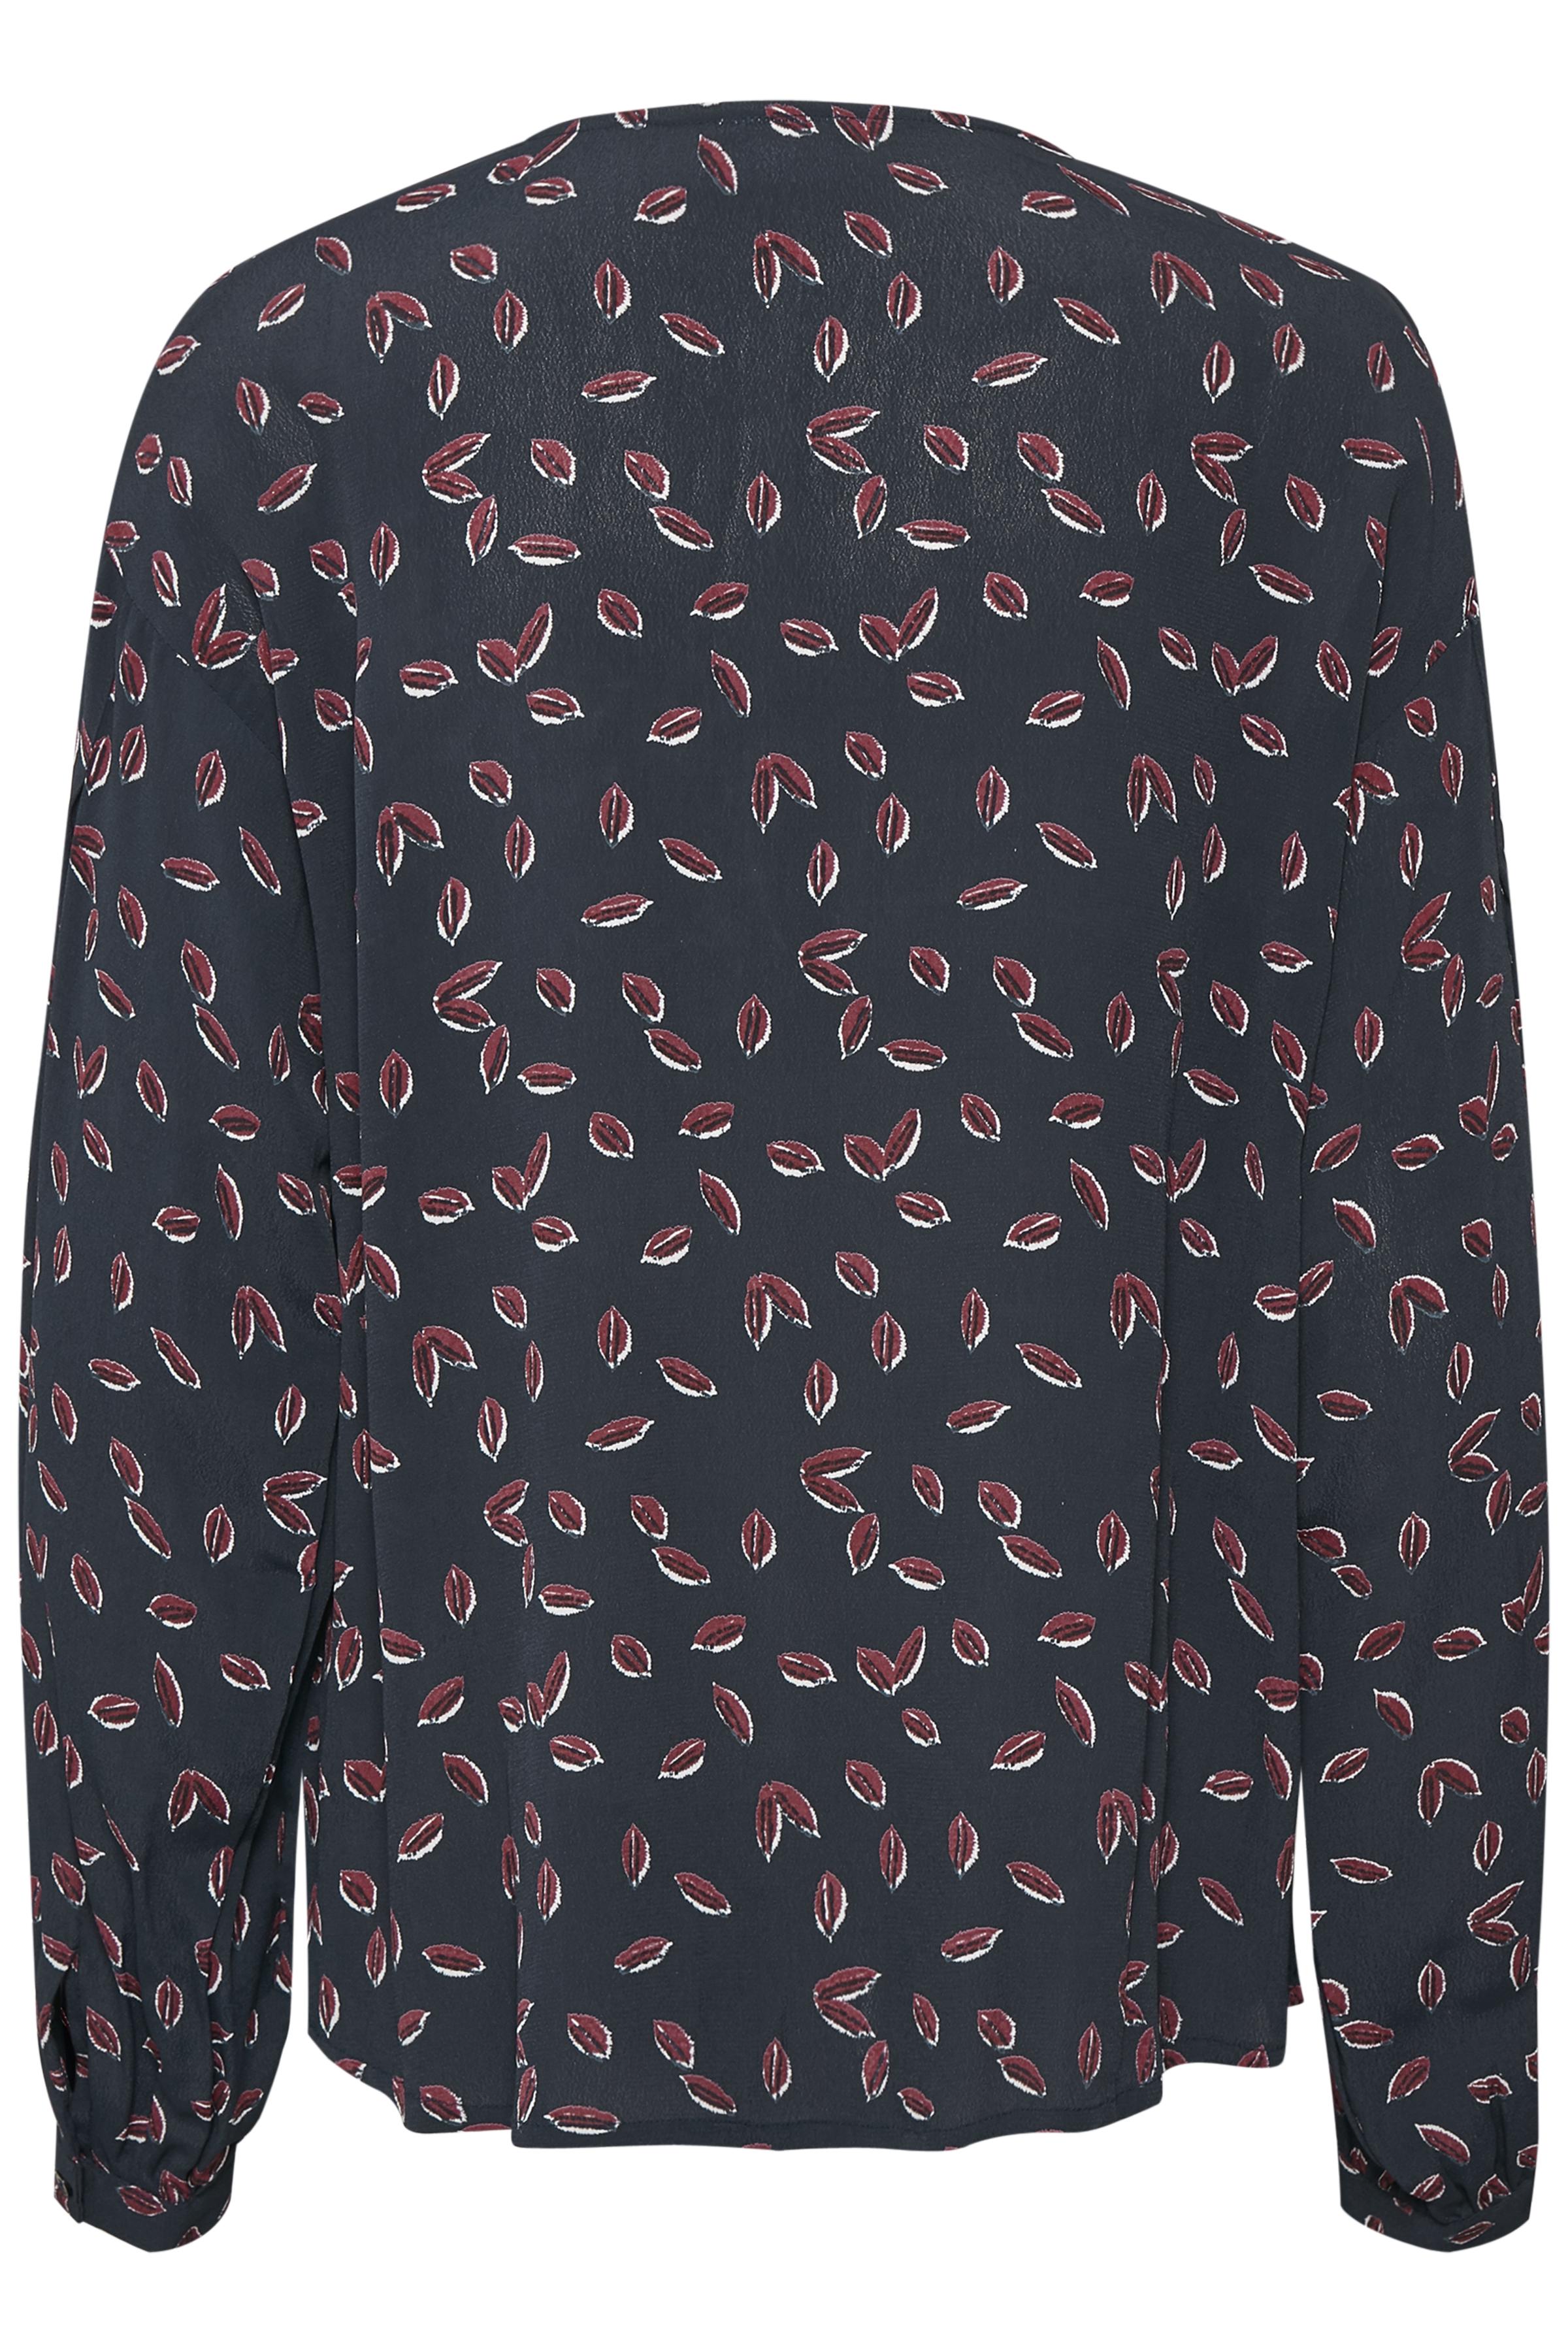 Marineblau/bordeaux Langarm-Bluse von Kaffe – Shoppen Sie Marineblau/bordeaux Langarm-Bluse ab Gr. 34-46 hier